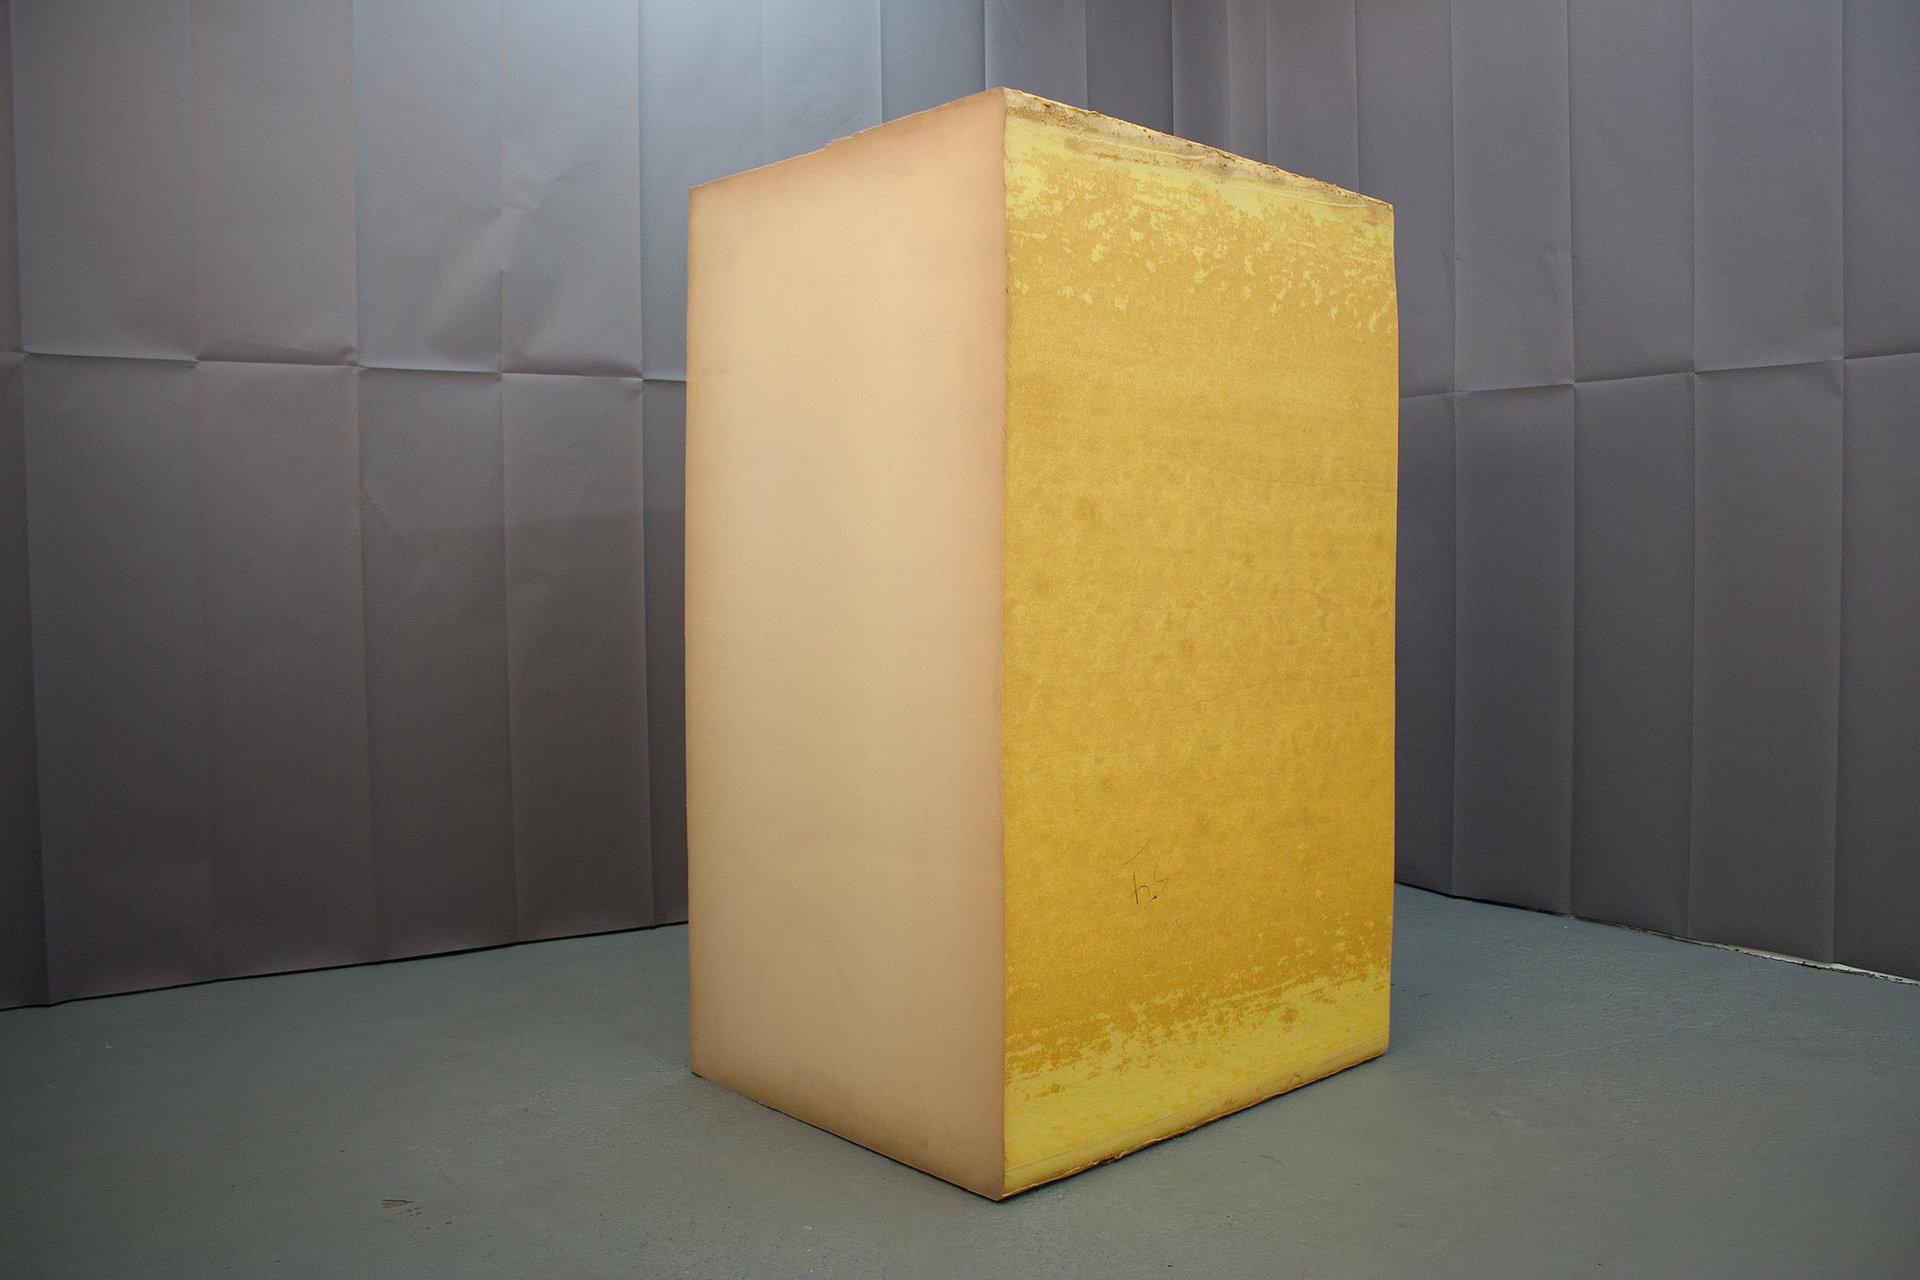 #8-Gerber_McArthur_Nutt_-final-installation-view